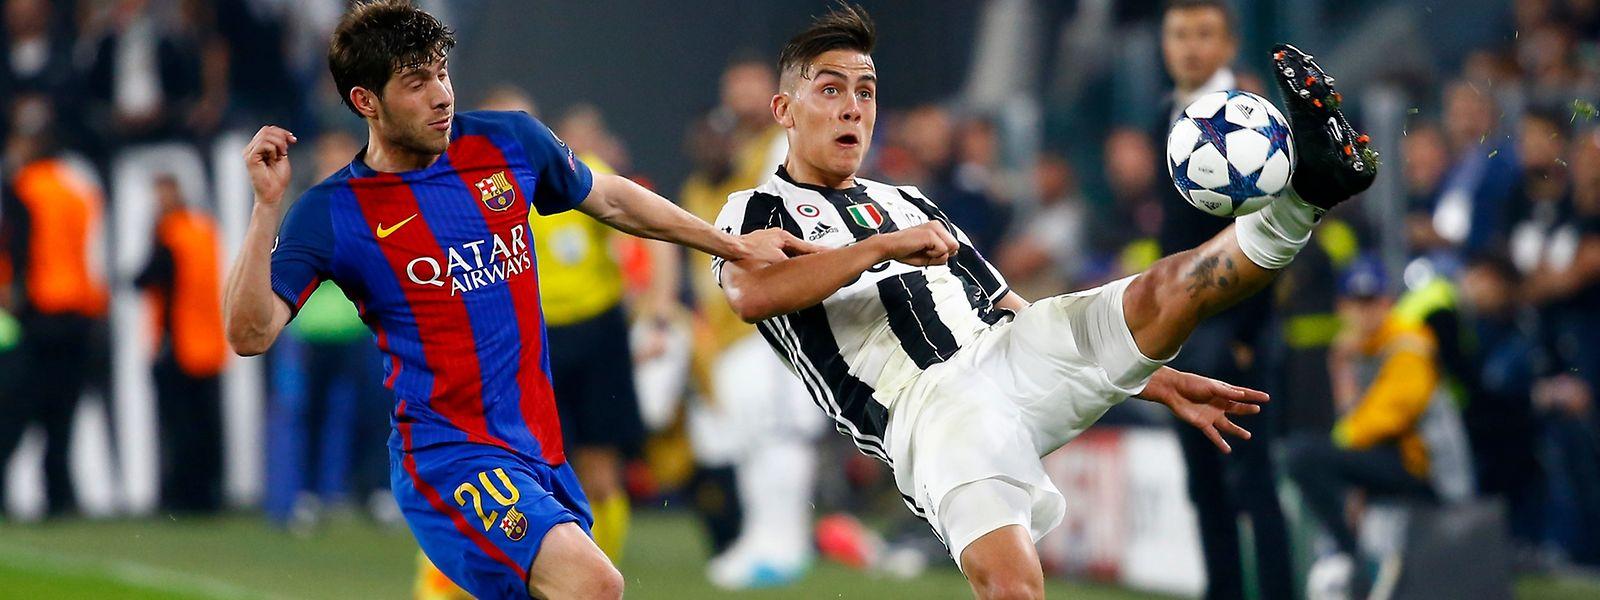 Paulo Dybala, hier gegen Barcelonas Sergi Roberto (l.), brachte Juventus mit zwei Treffern auf die Siegerstraße.